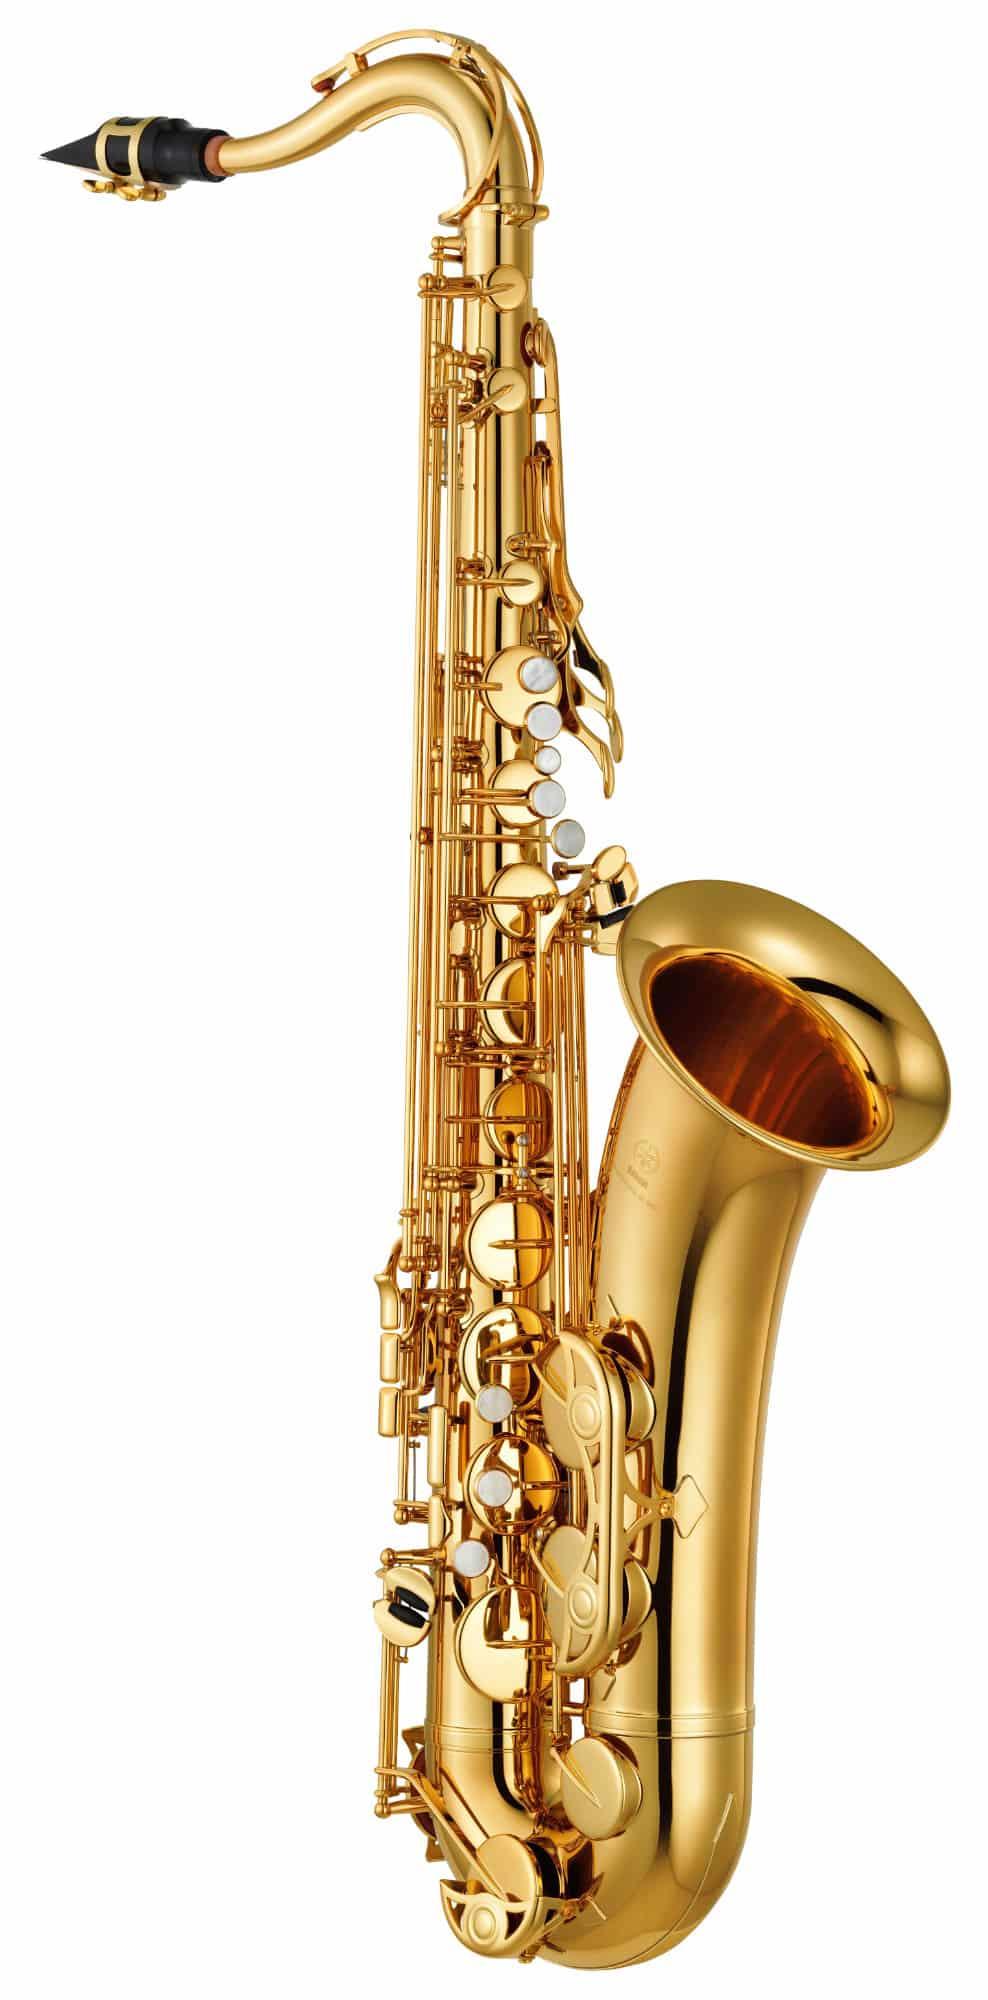 Saxophone - Yamaha YTS 280 Tenor Saxophon - Onlineshop Musikhaus Kirstein